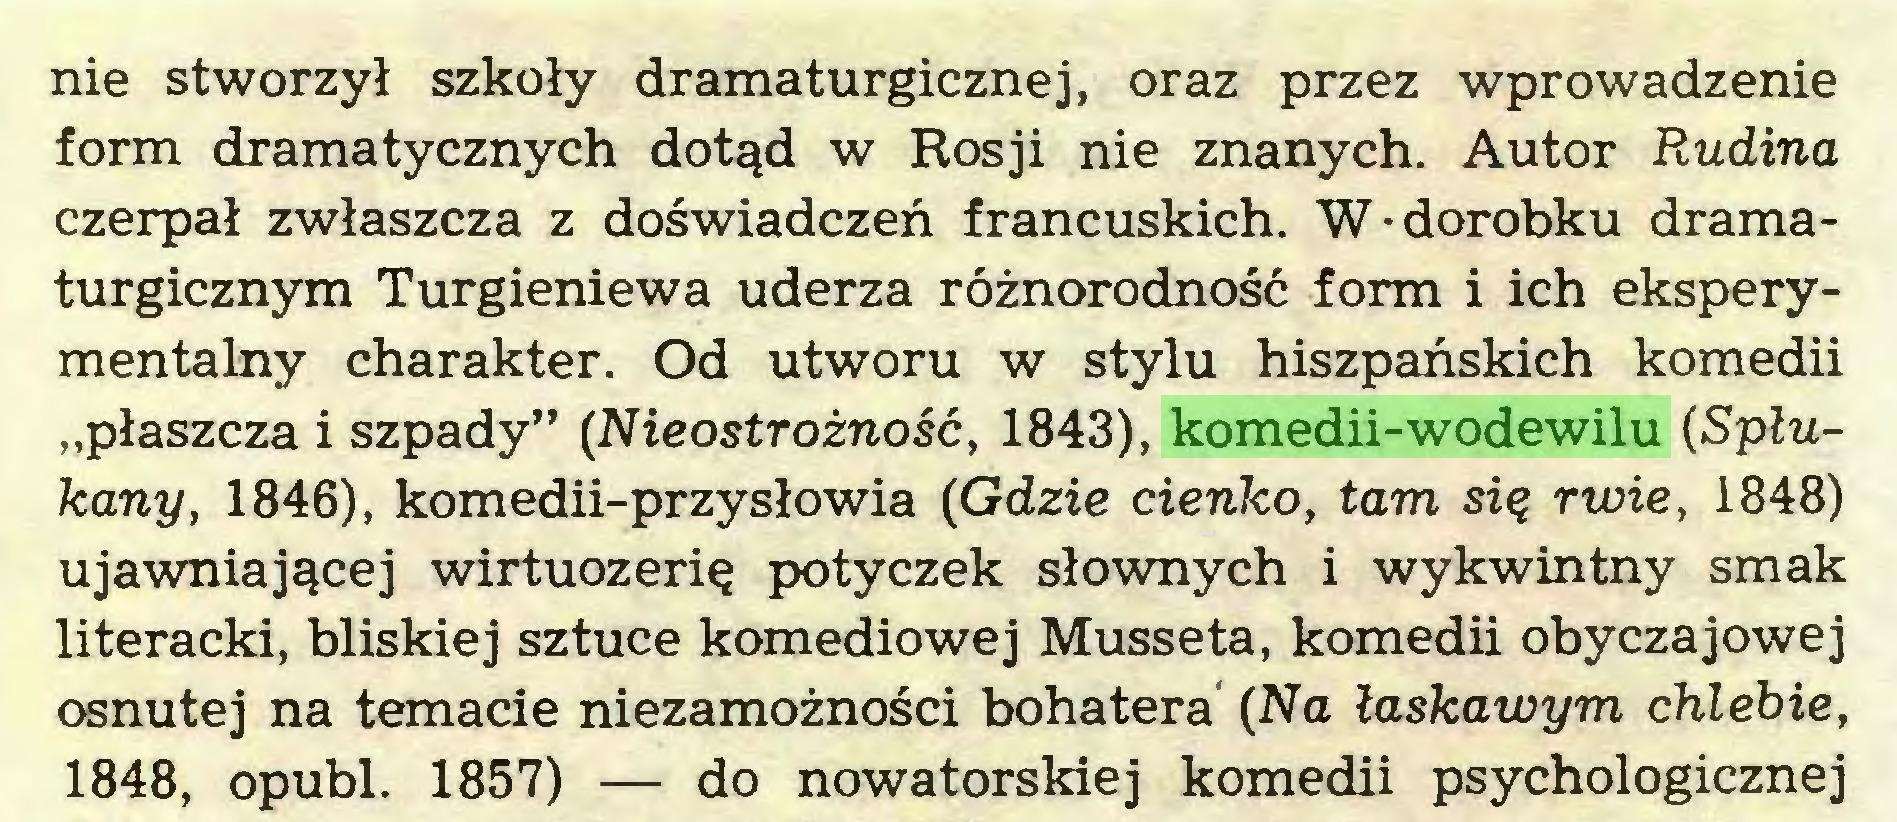 """(...) nie stworzył szkoły dramaturgicznej, oraz przez wprowadzenie form dramatycznych dotąd w Rosji nie znanych. Autor Rudina czerpał zwłaszcza z doświadczeń francuskich. W-dorobku dramaturgicznym Turgieniewa uderza różnorodność form i ich eksperymentalny charakter. Od utworu w stylu hiszpańskich komedii """"płaszcza i szpady"""" (Nieostrożność, 1843), komedii-wodewilu (Spłukany, 1846), komedii-przysłowia (Gdzie cienko, tam się rwie, 1848) ujawniającej wirtuozerię potyczek słownych i wykwintny smak literacki, bliskiej sztuce komediowej Musseta, komedii obyczajowej osnutej na temacie niezamożności bohatera (Na łaskawym chlebie, 1848, opubl. 1857) — do nowatorskiej komedii psychologicznej..."""